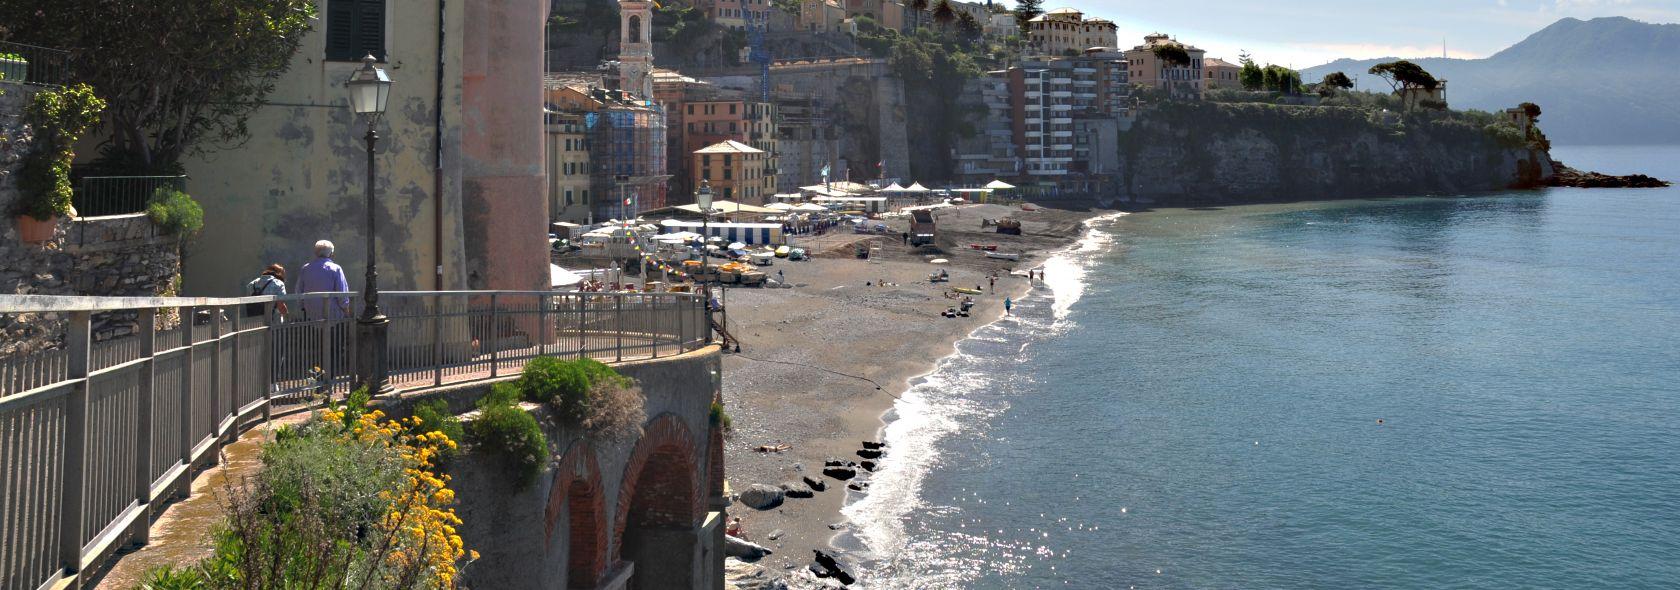 Sori (2) - Foto Ufficio Comunicazione Città Metropolitana di Genova